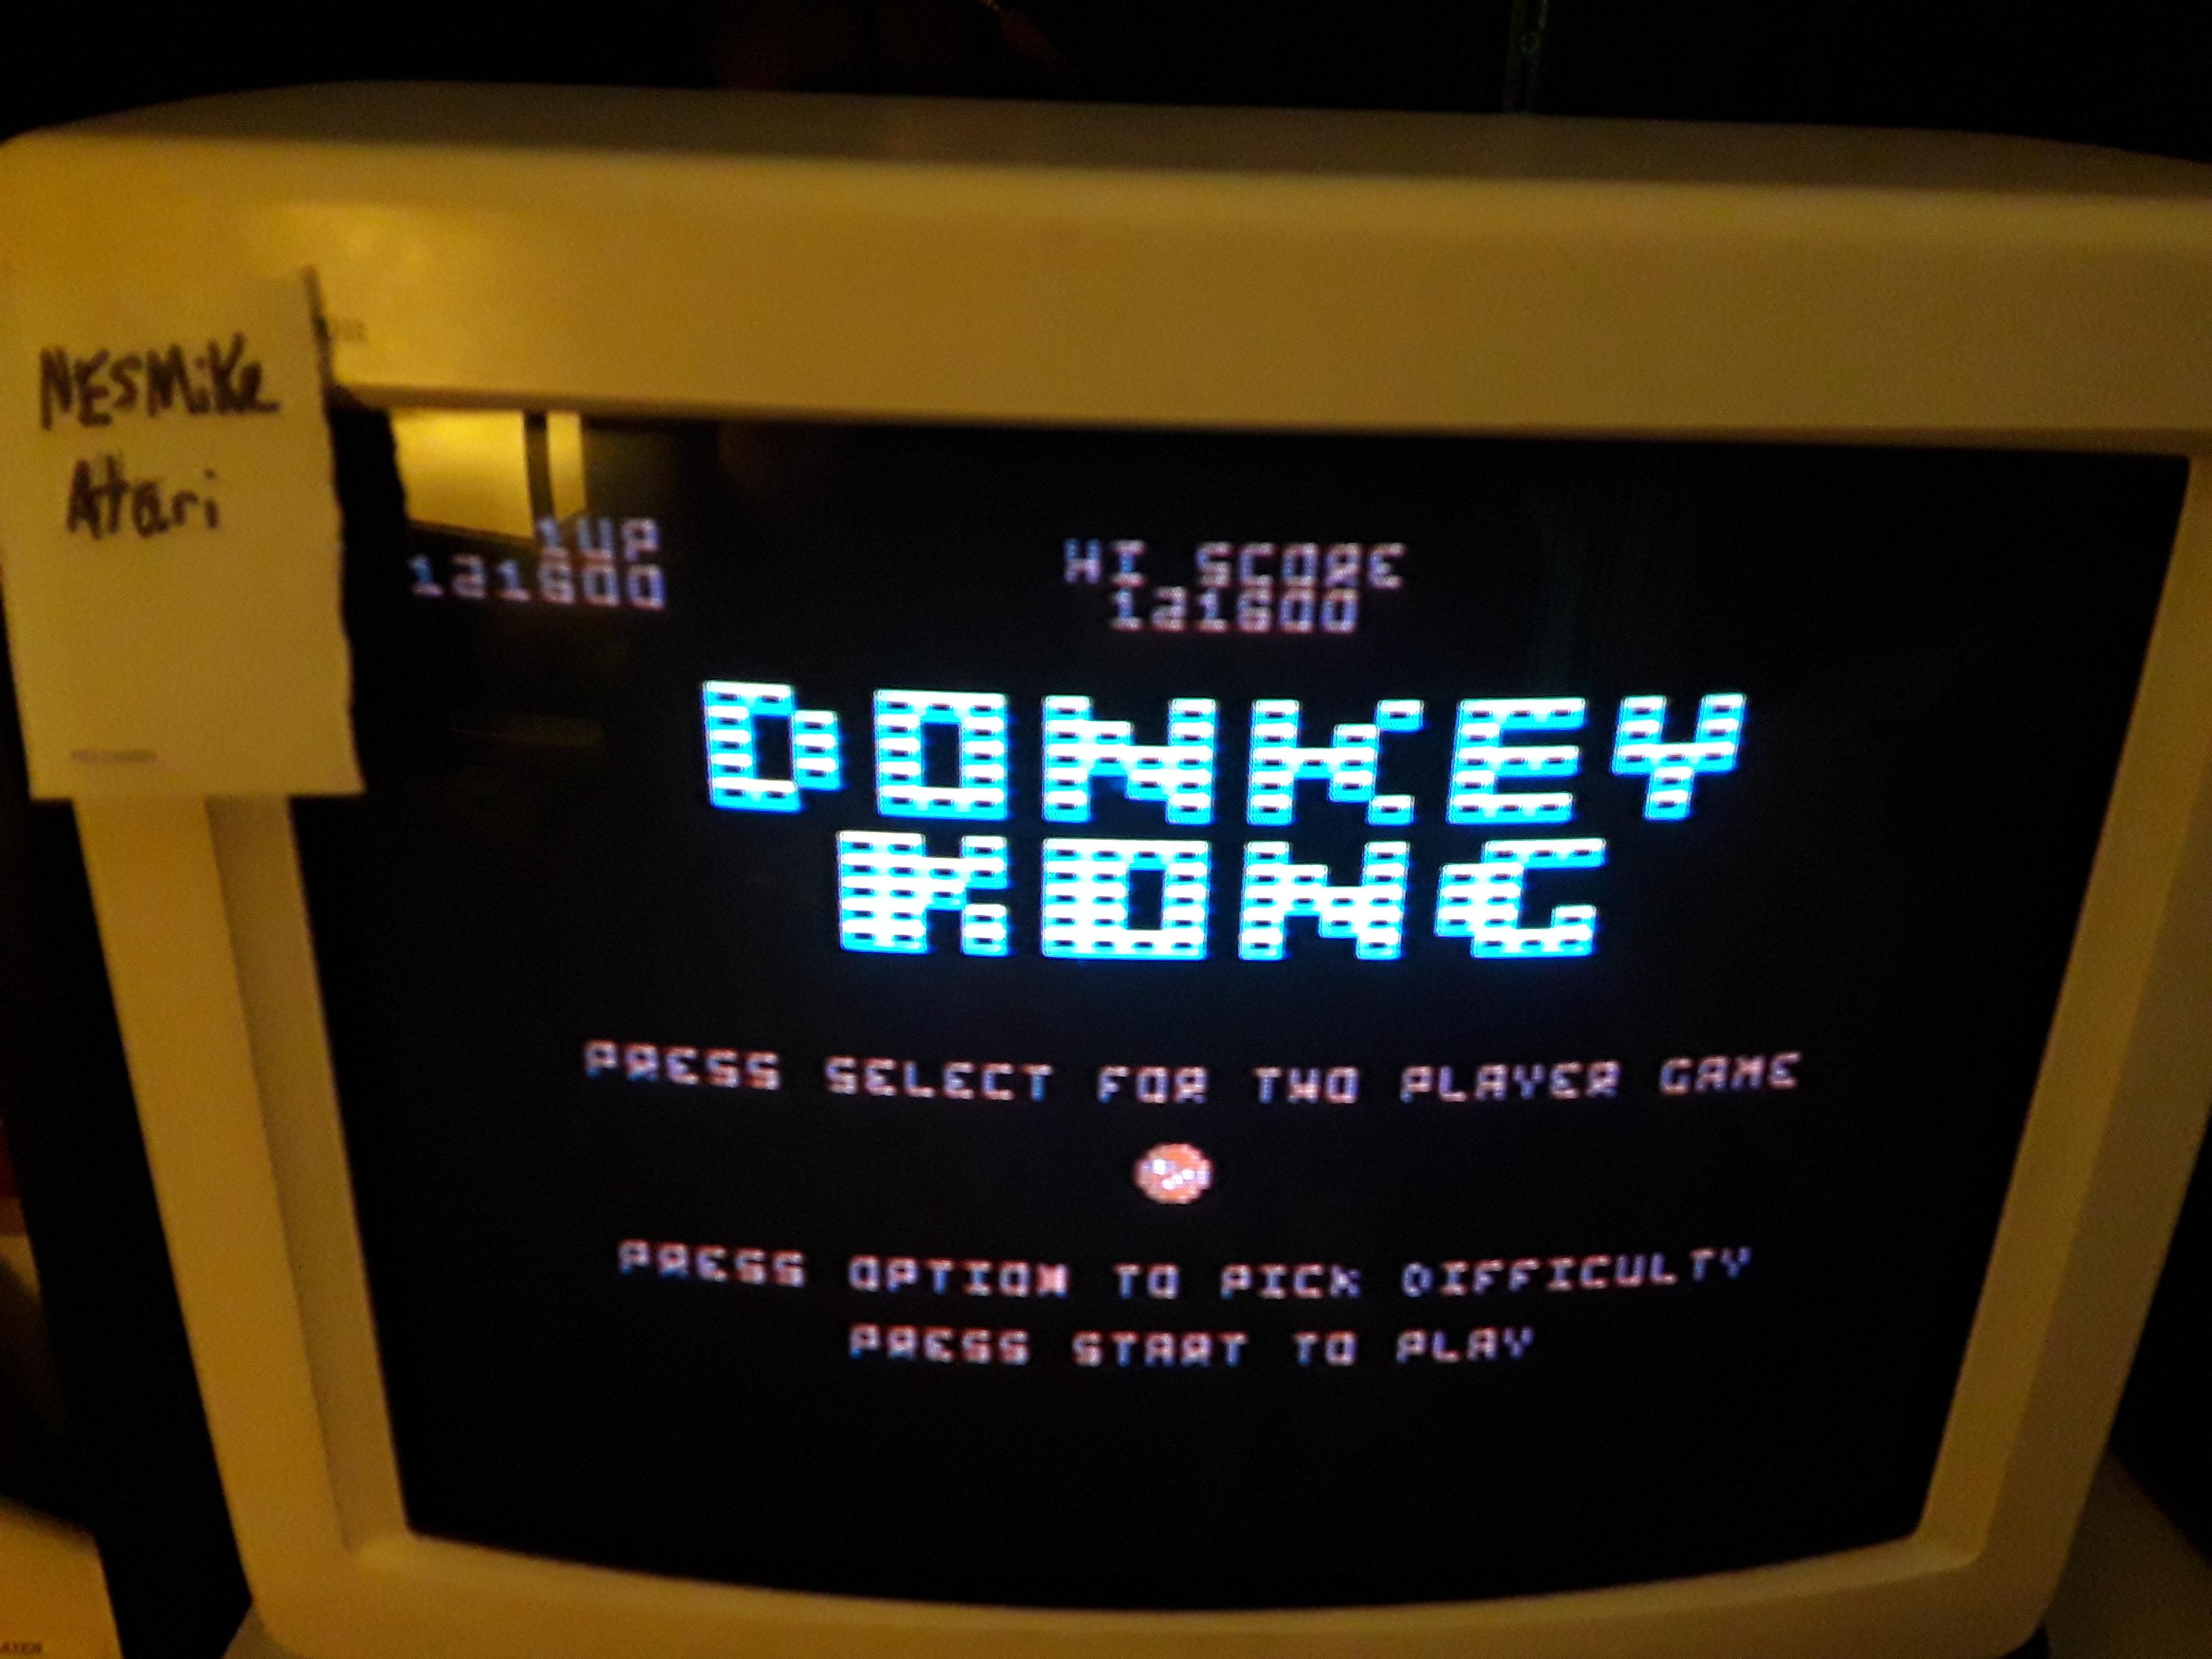 Donkey Kong 121,600 points